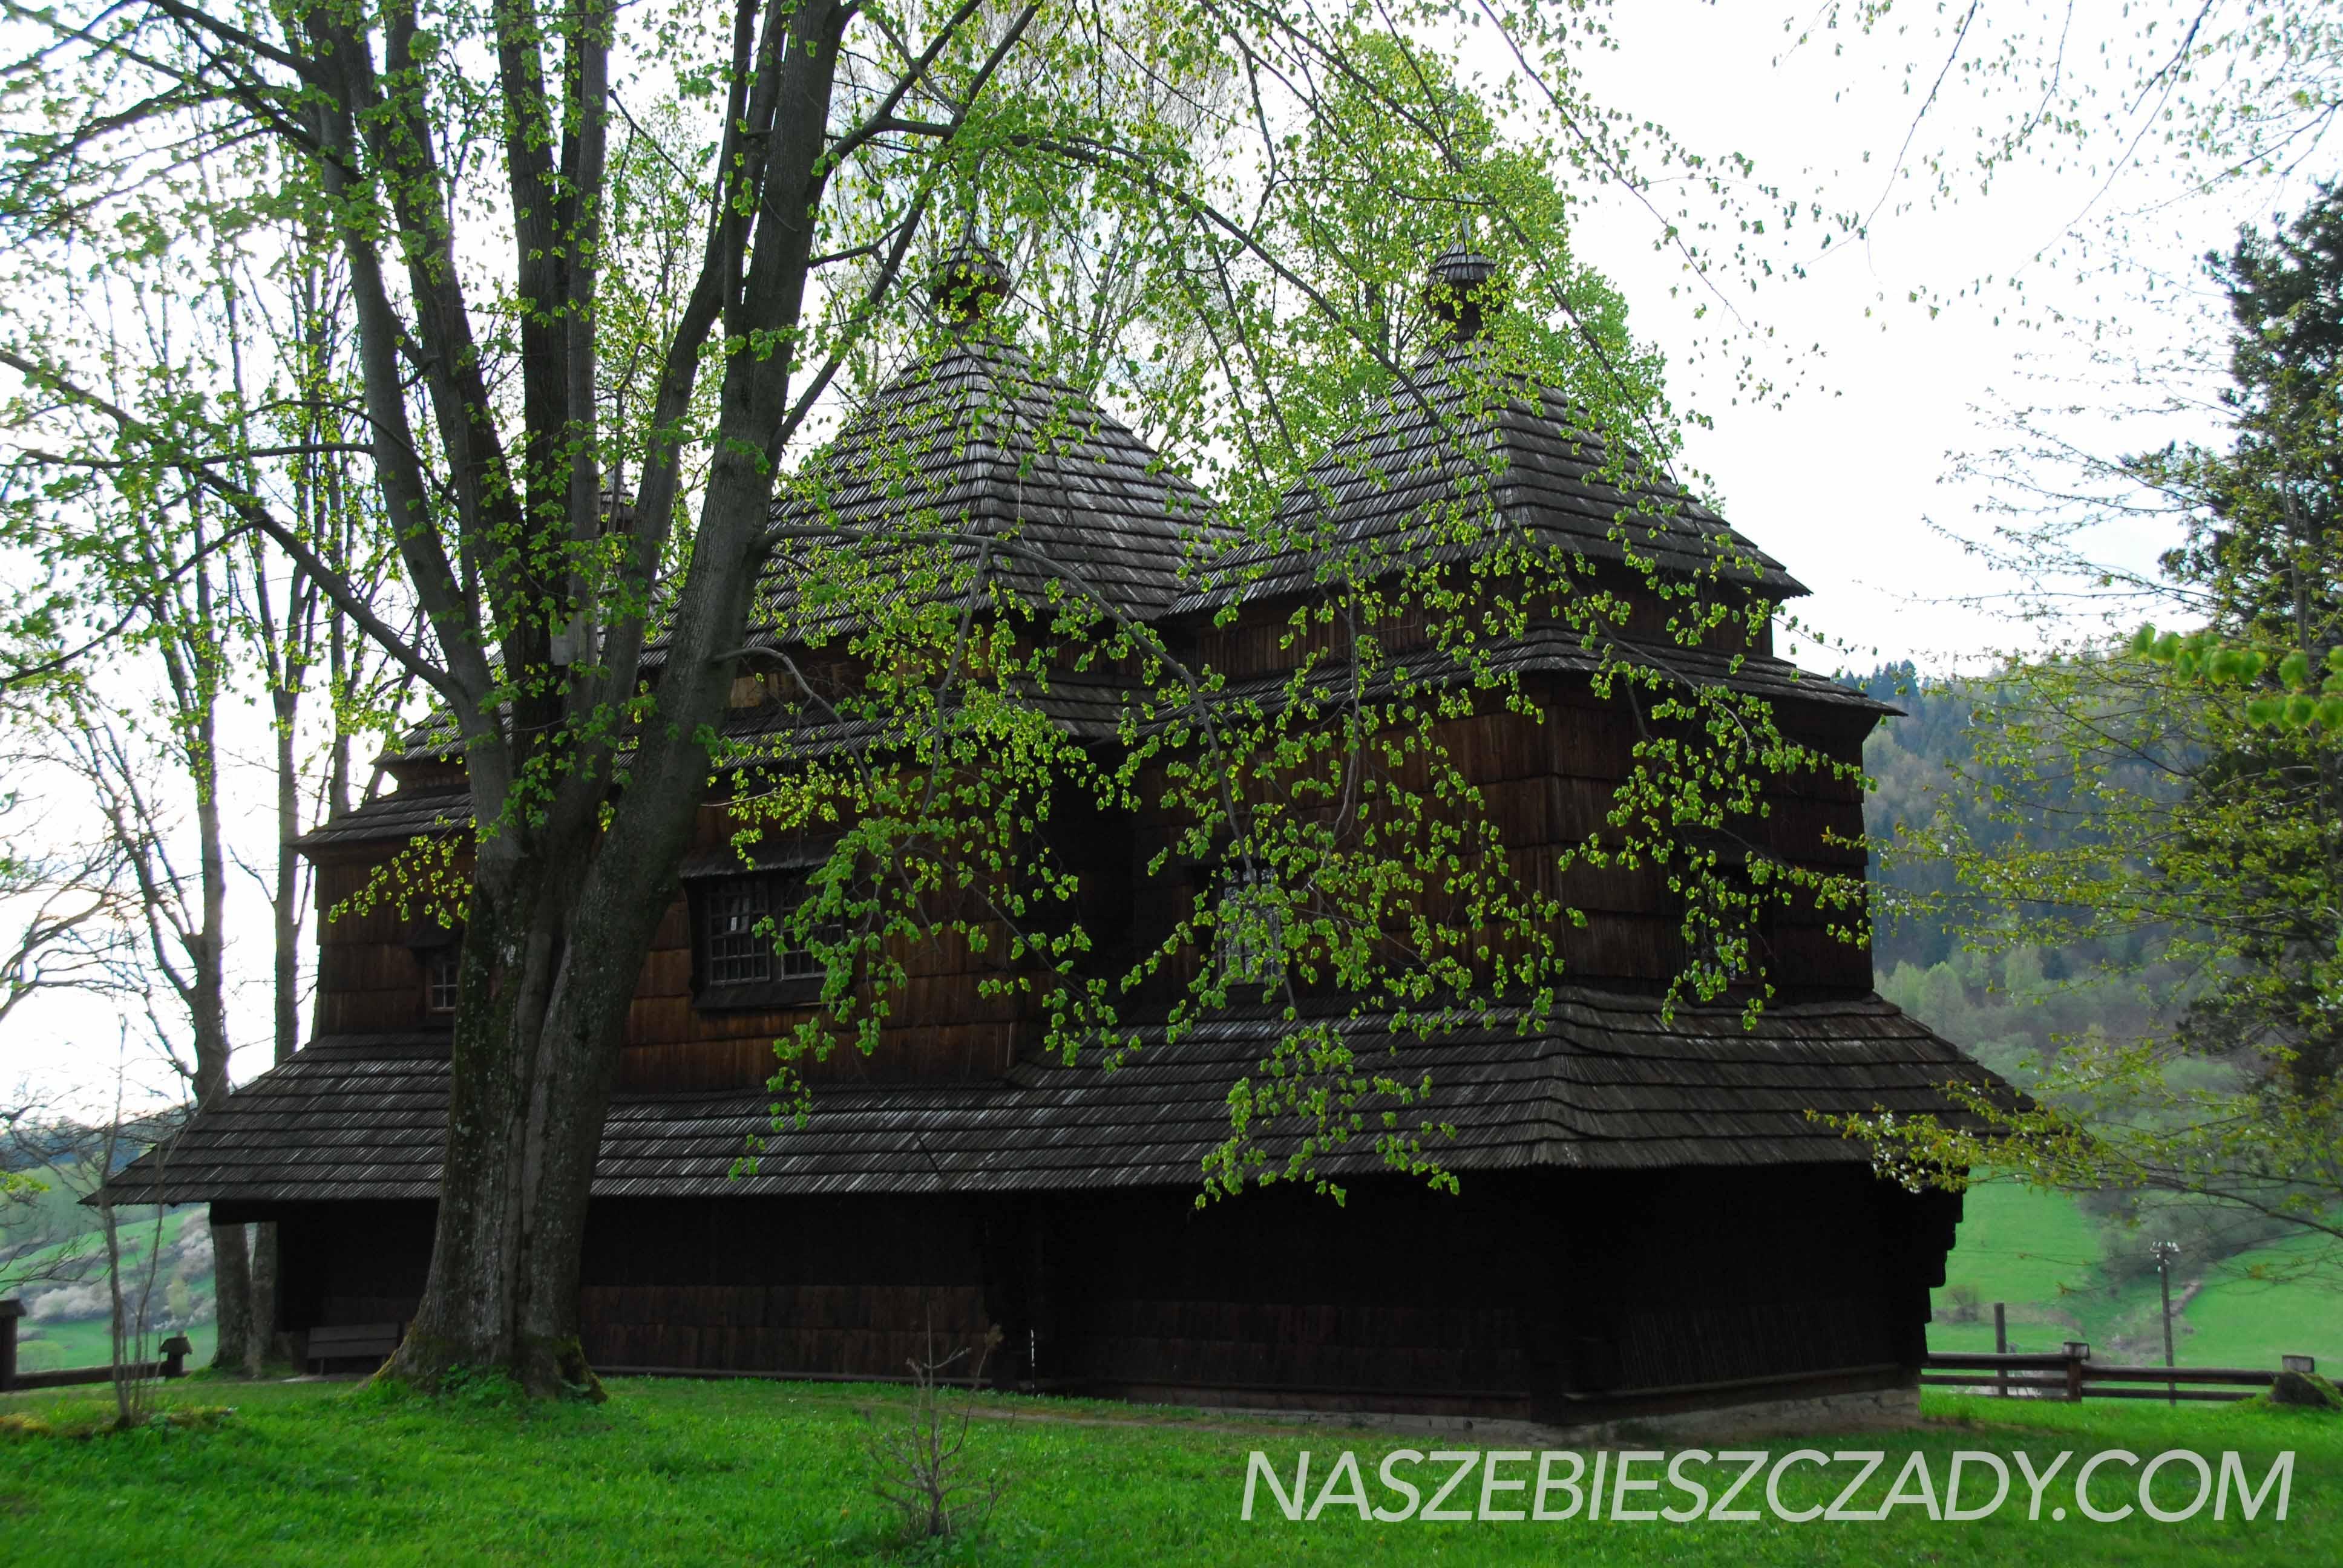 Pensjonat w Bieszczadach